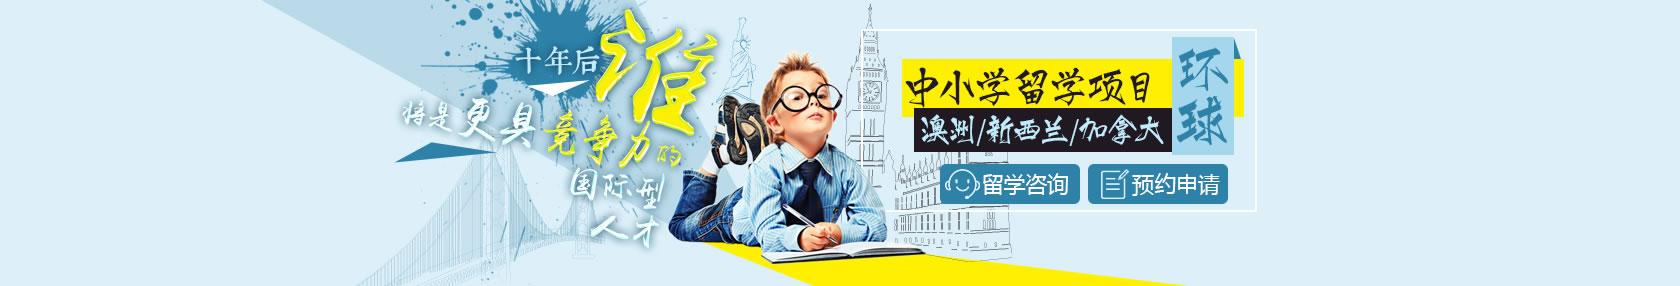 环球移民中小学留学项目,涵盖澳洲中小学留学、新西兰中小学留学、加拿大中小学留学等国家专业的留学相关服务